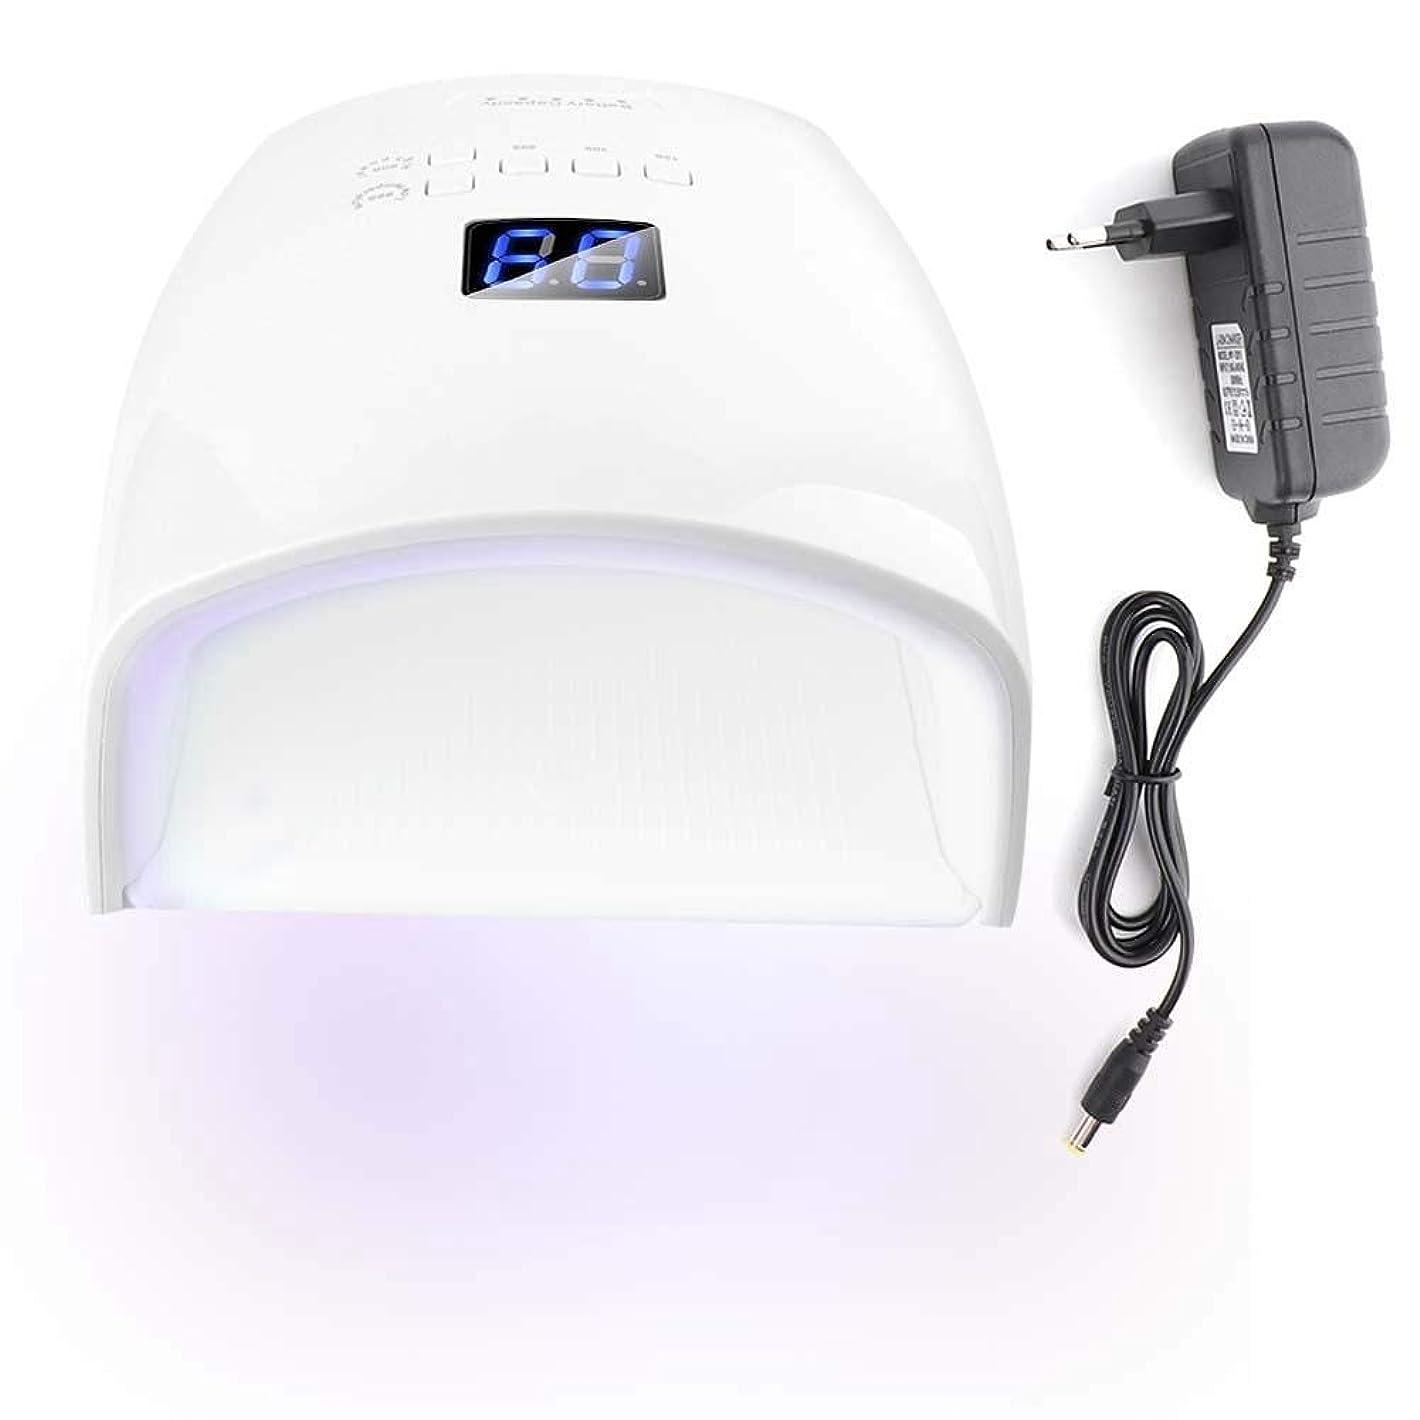 レポートを書くアクチュエータ分注する48Wネイルドライヤー 30光 自動センサー 5タイマー付き UV LEDネイルランプ (ホワイト)